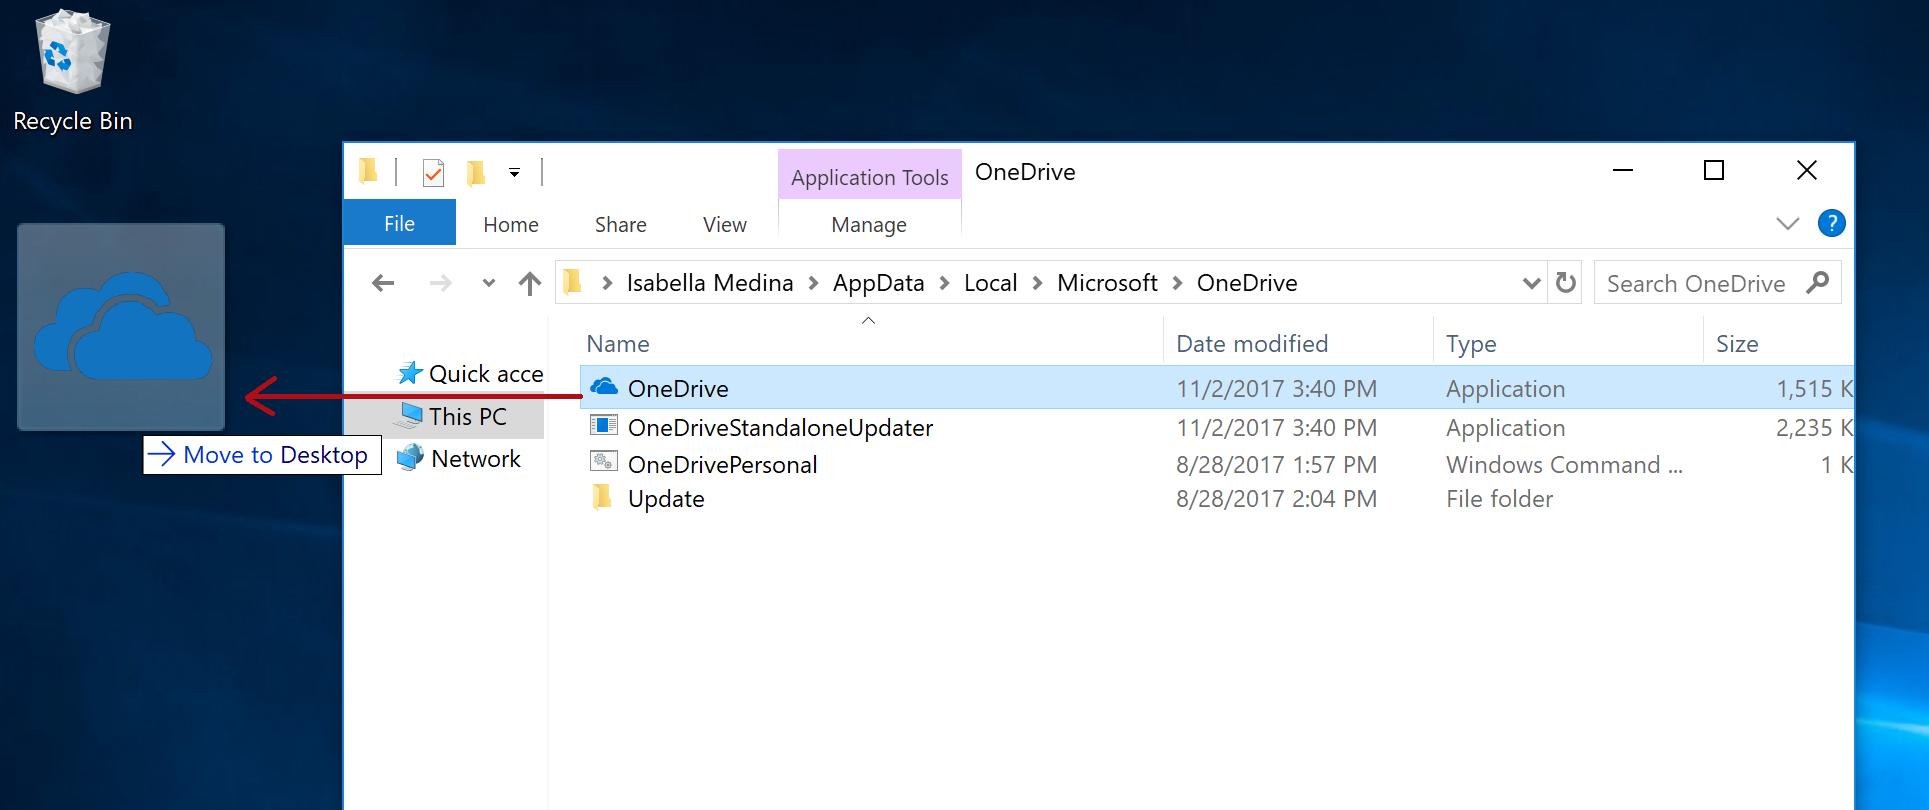 Screenshot showing how to pin to desktop